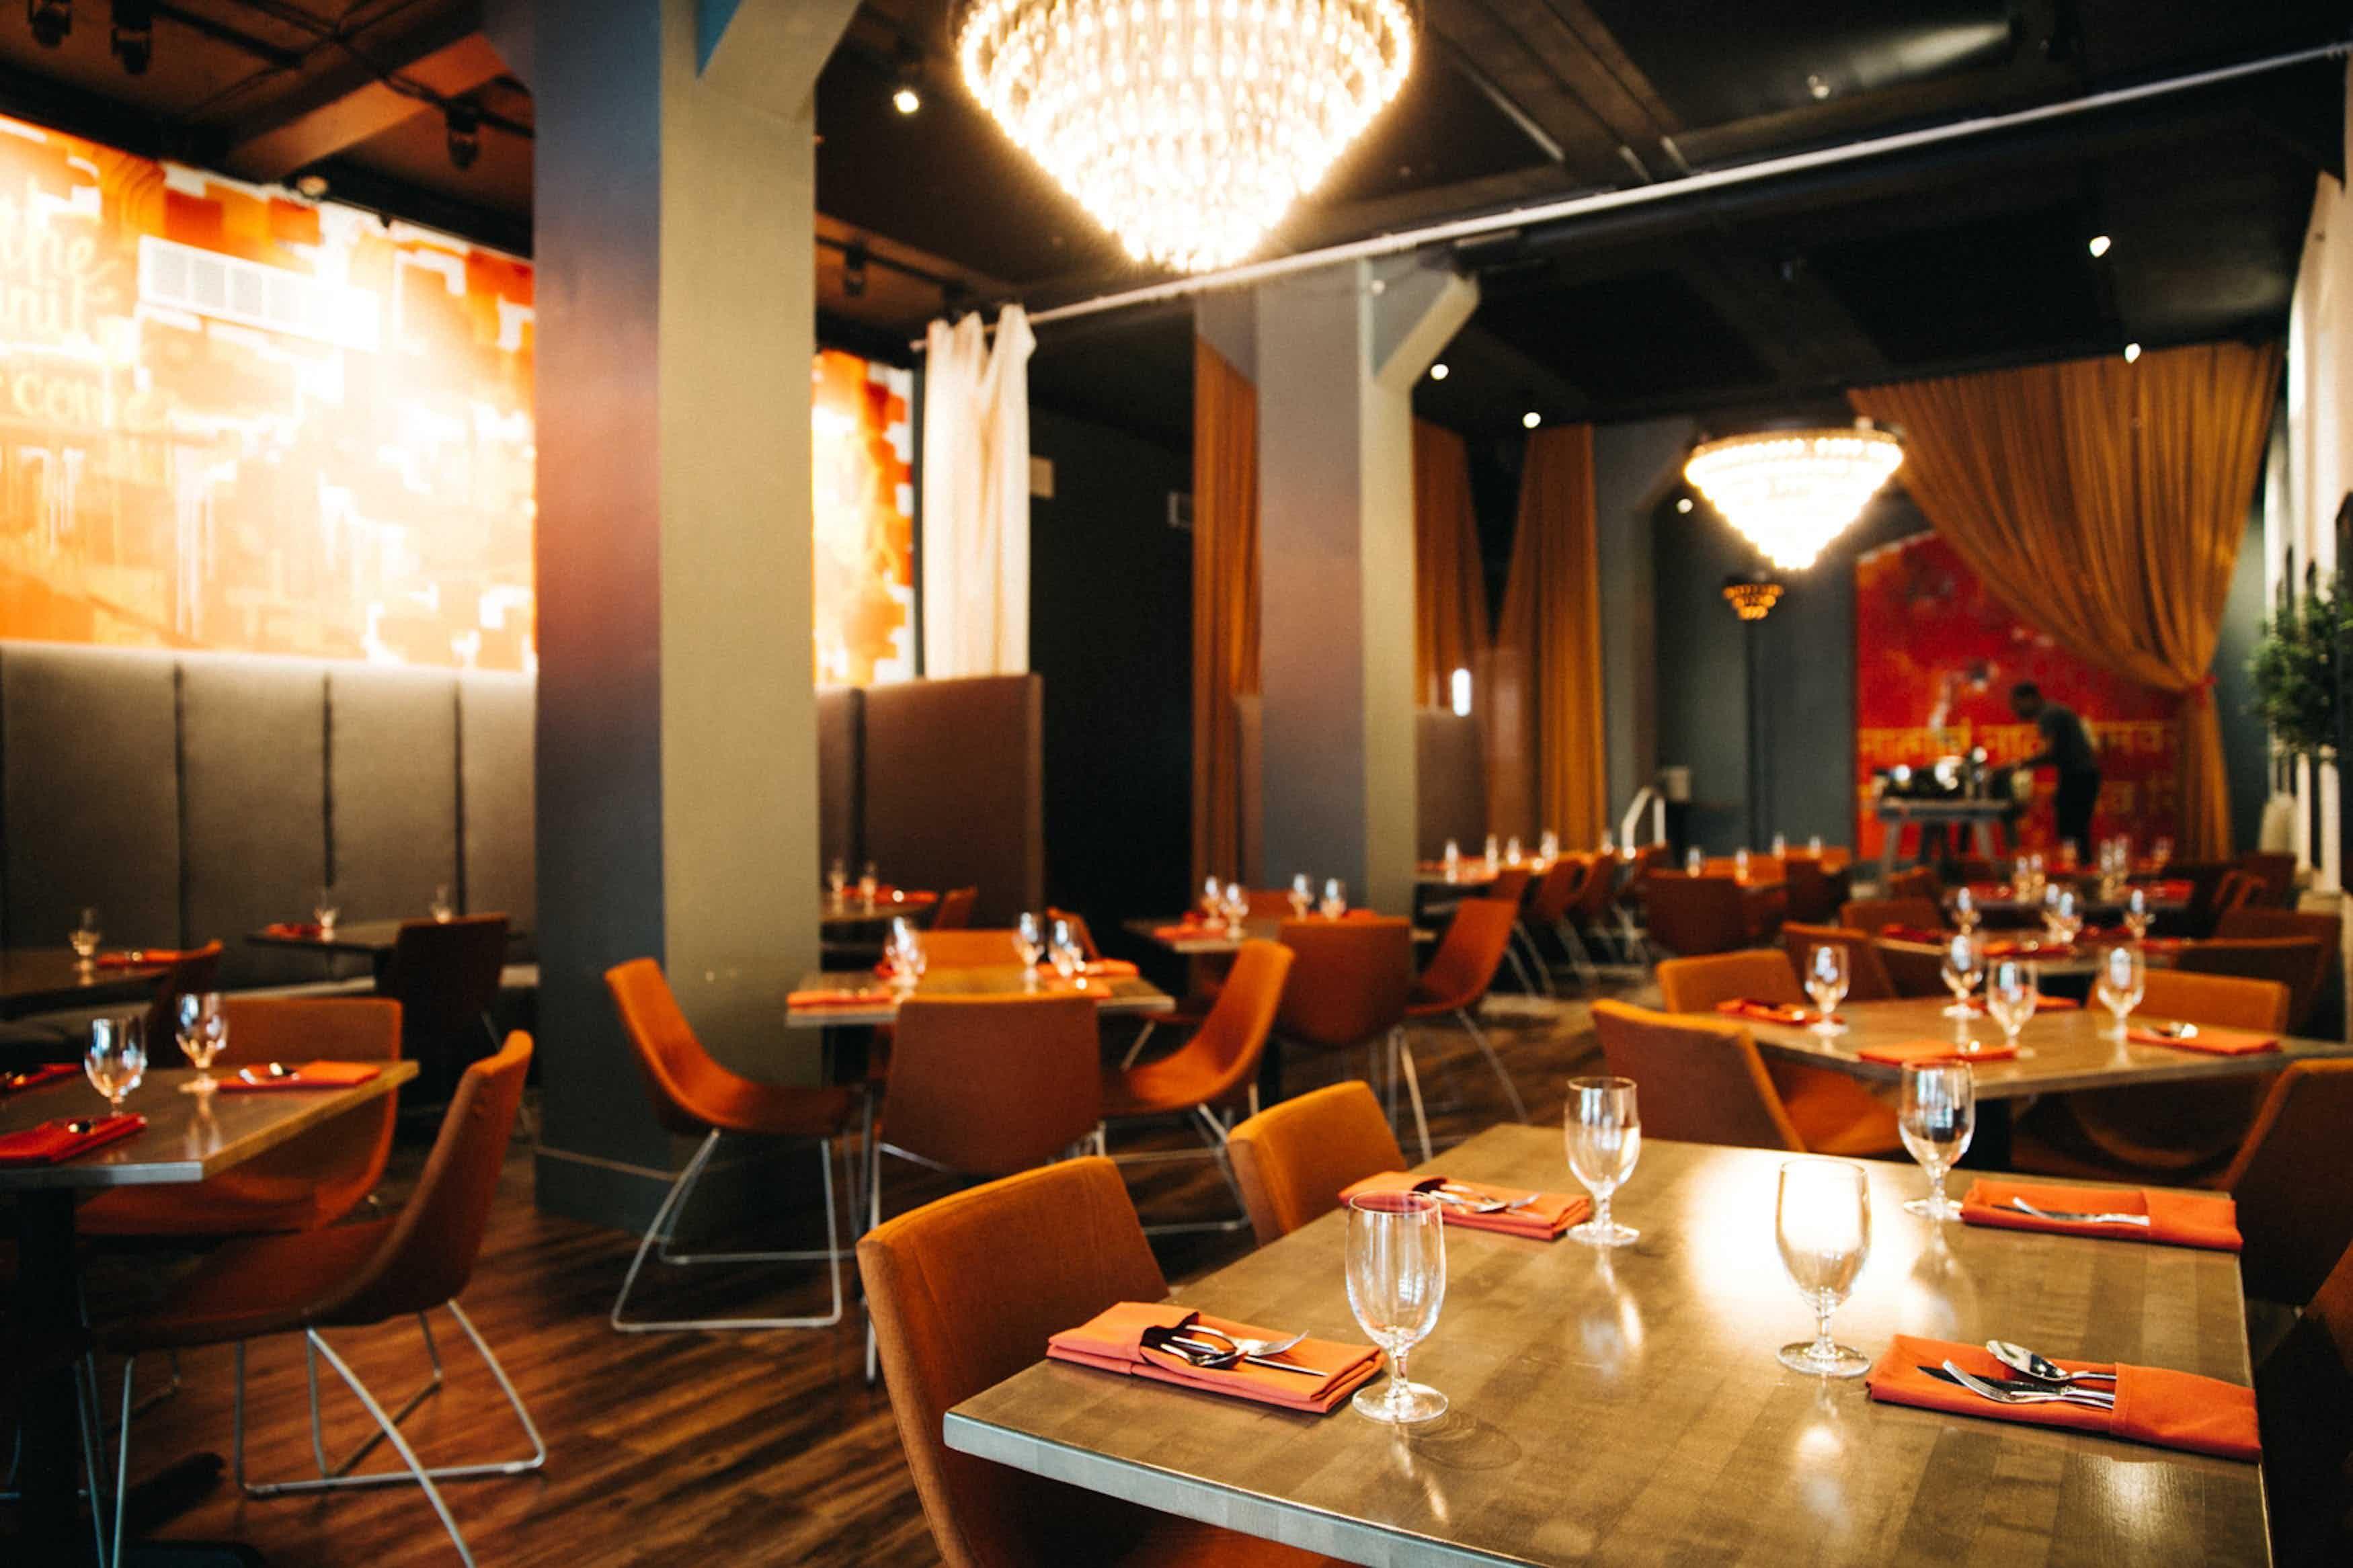 Best Restaurants For Date Night Philadelphia Food Travel